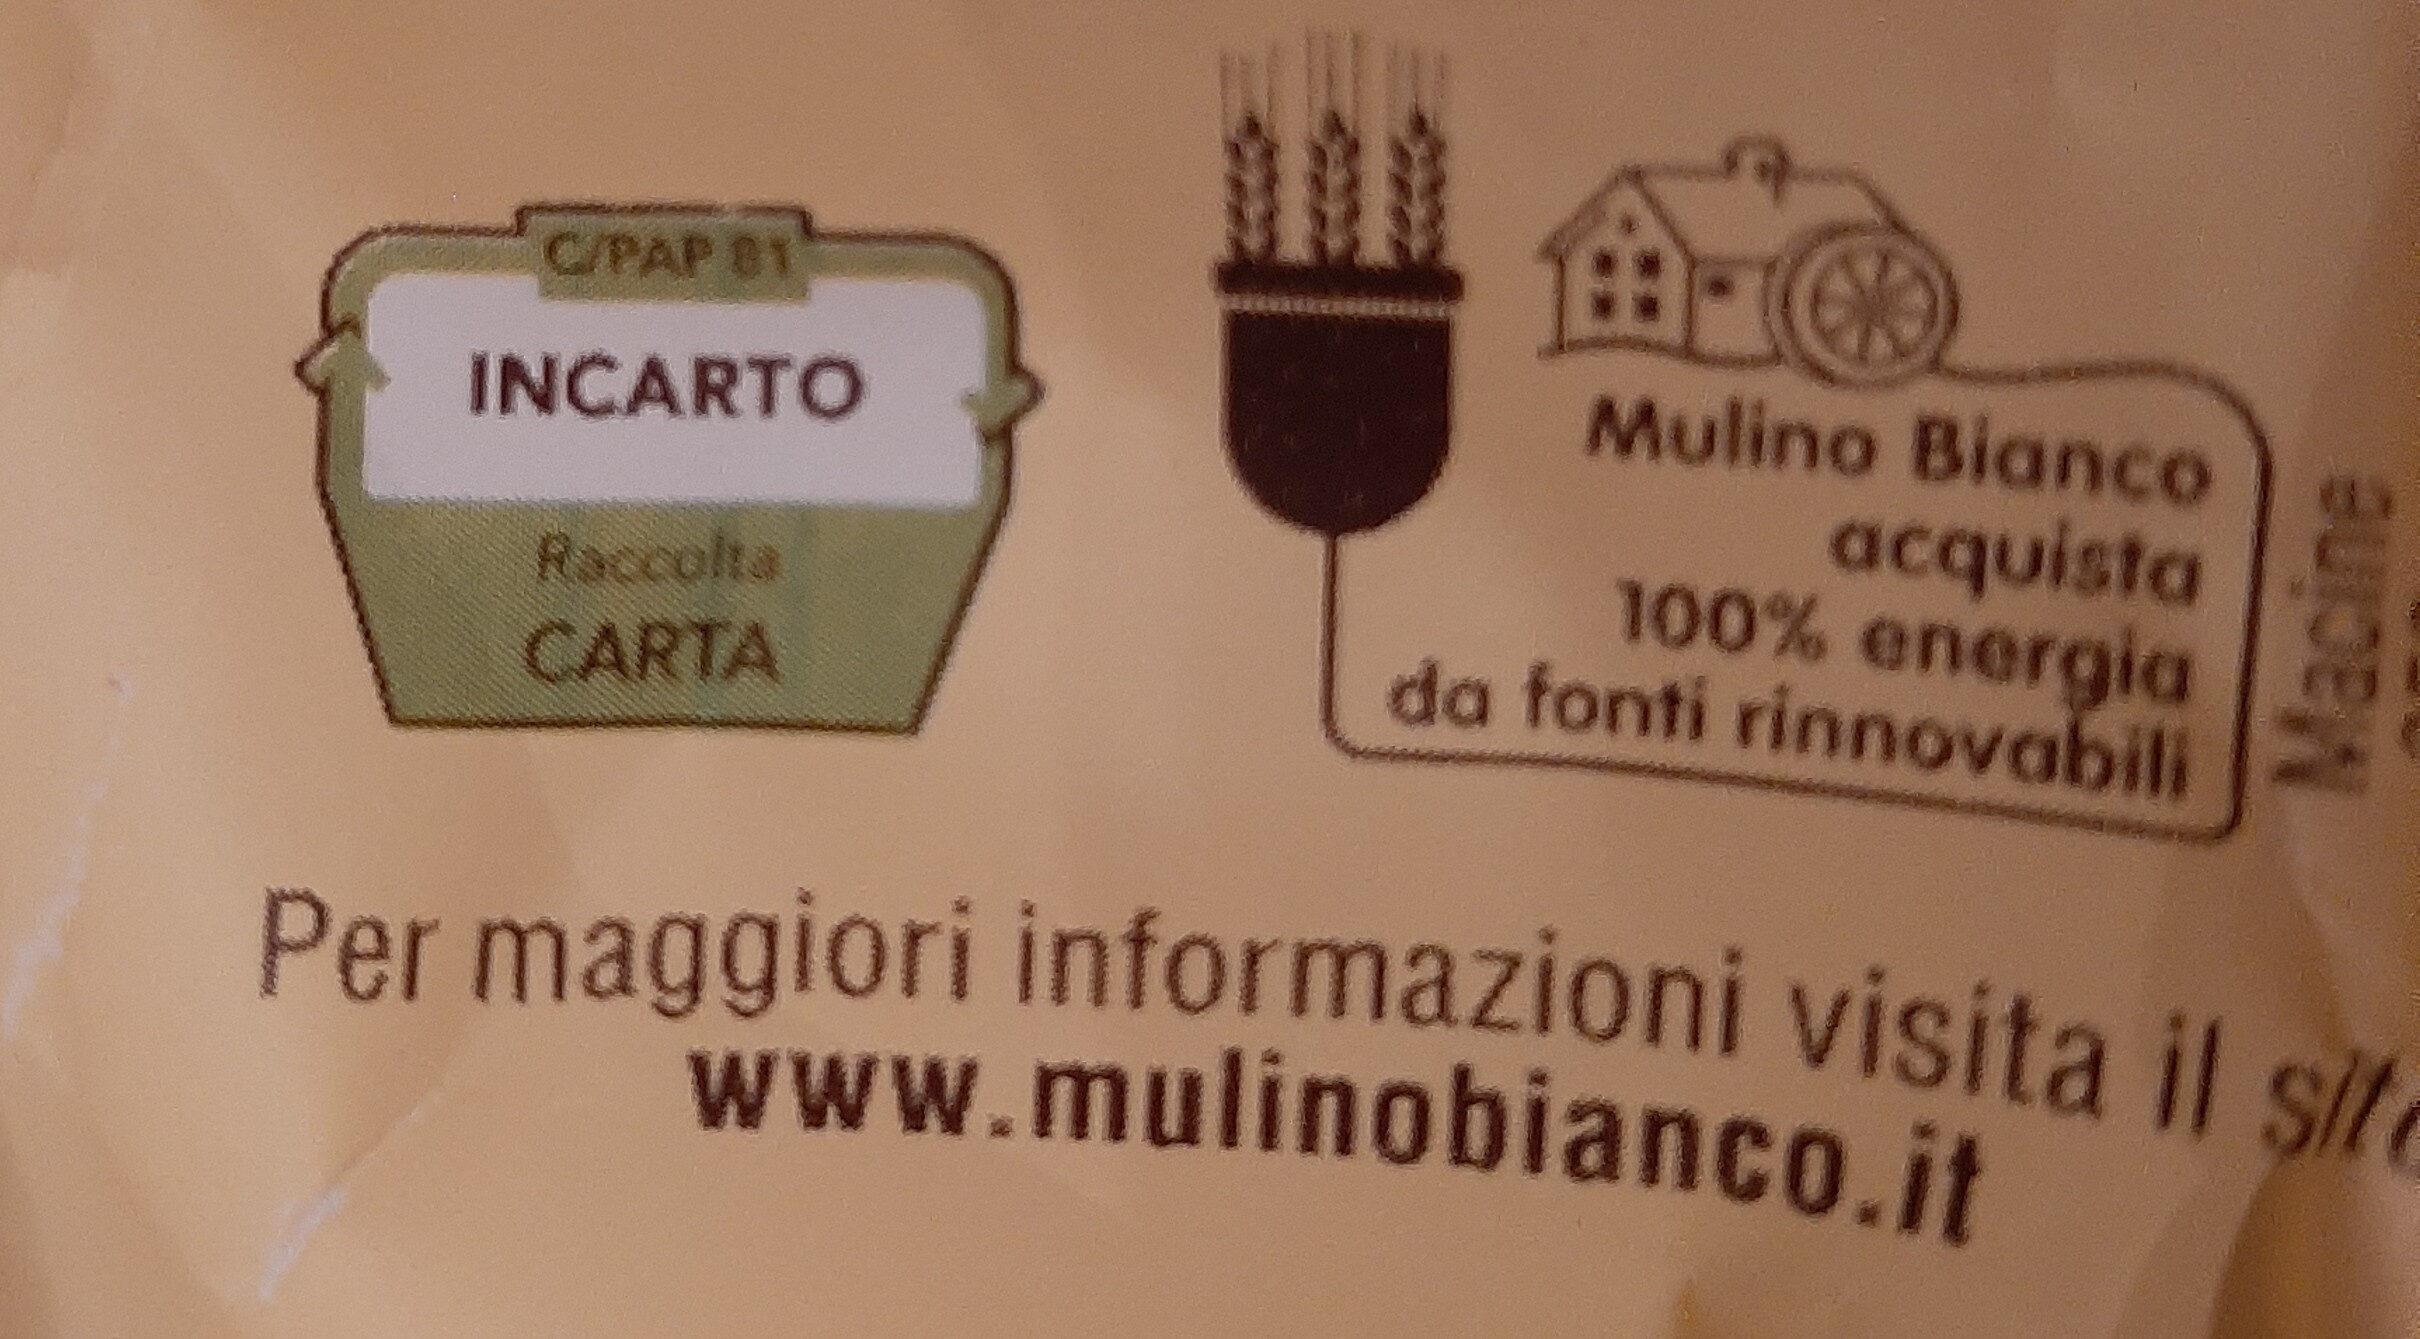 - Istruzioni per il riciclaggio e/o informazioni sull'imballaggio - it